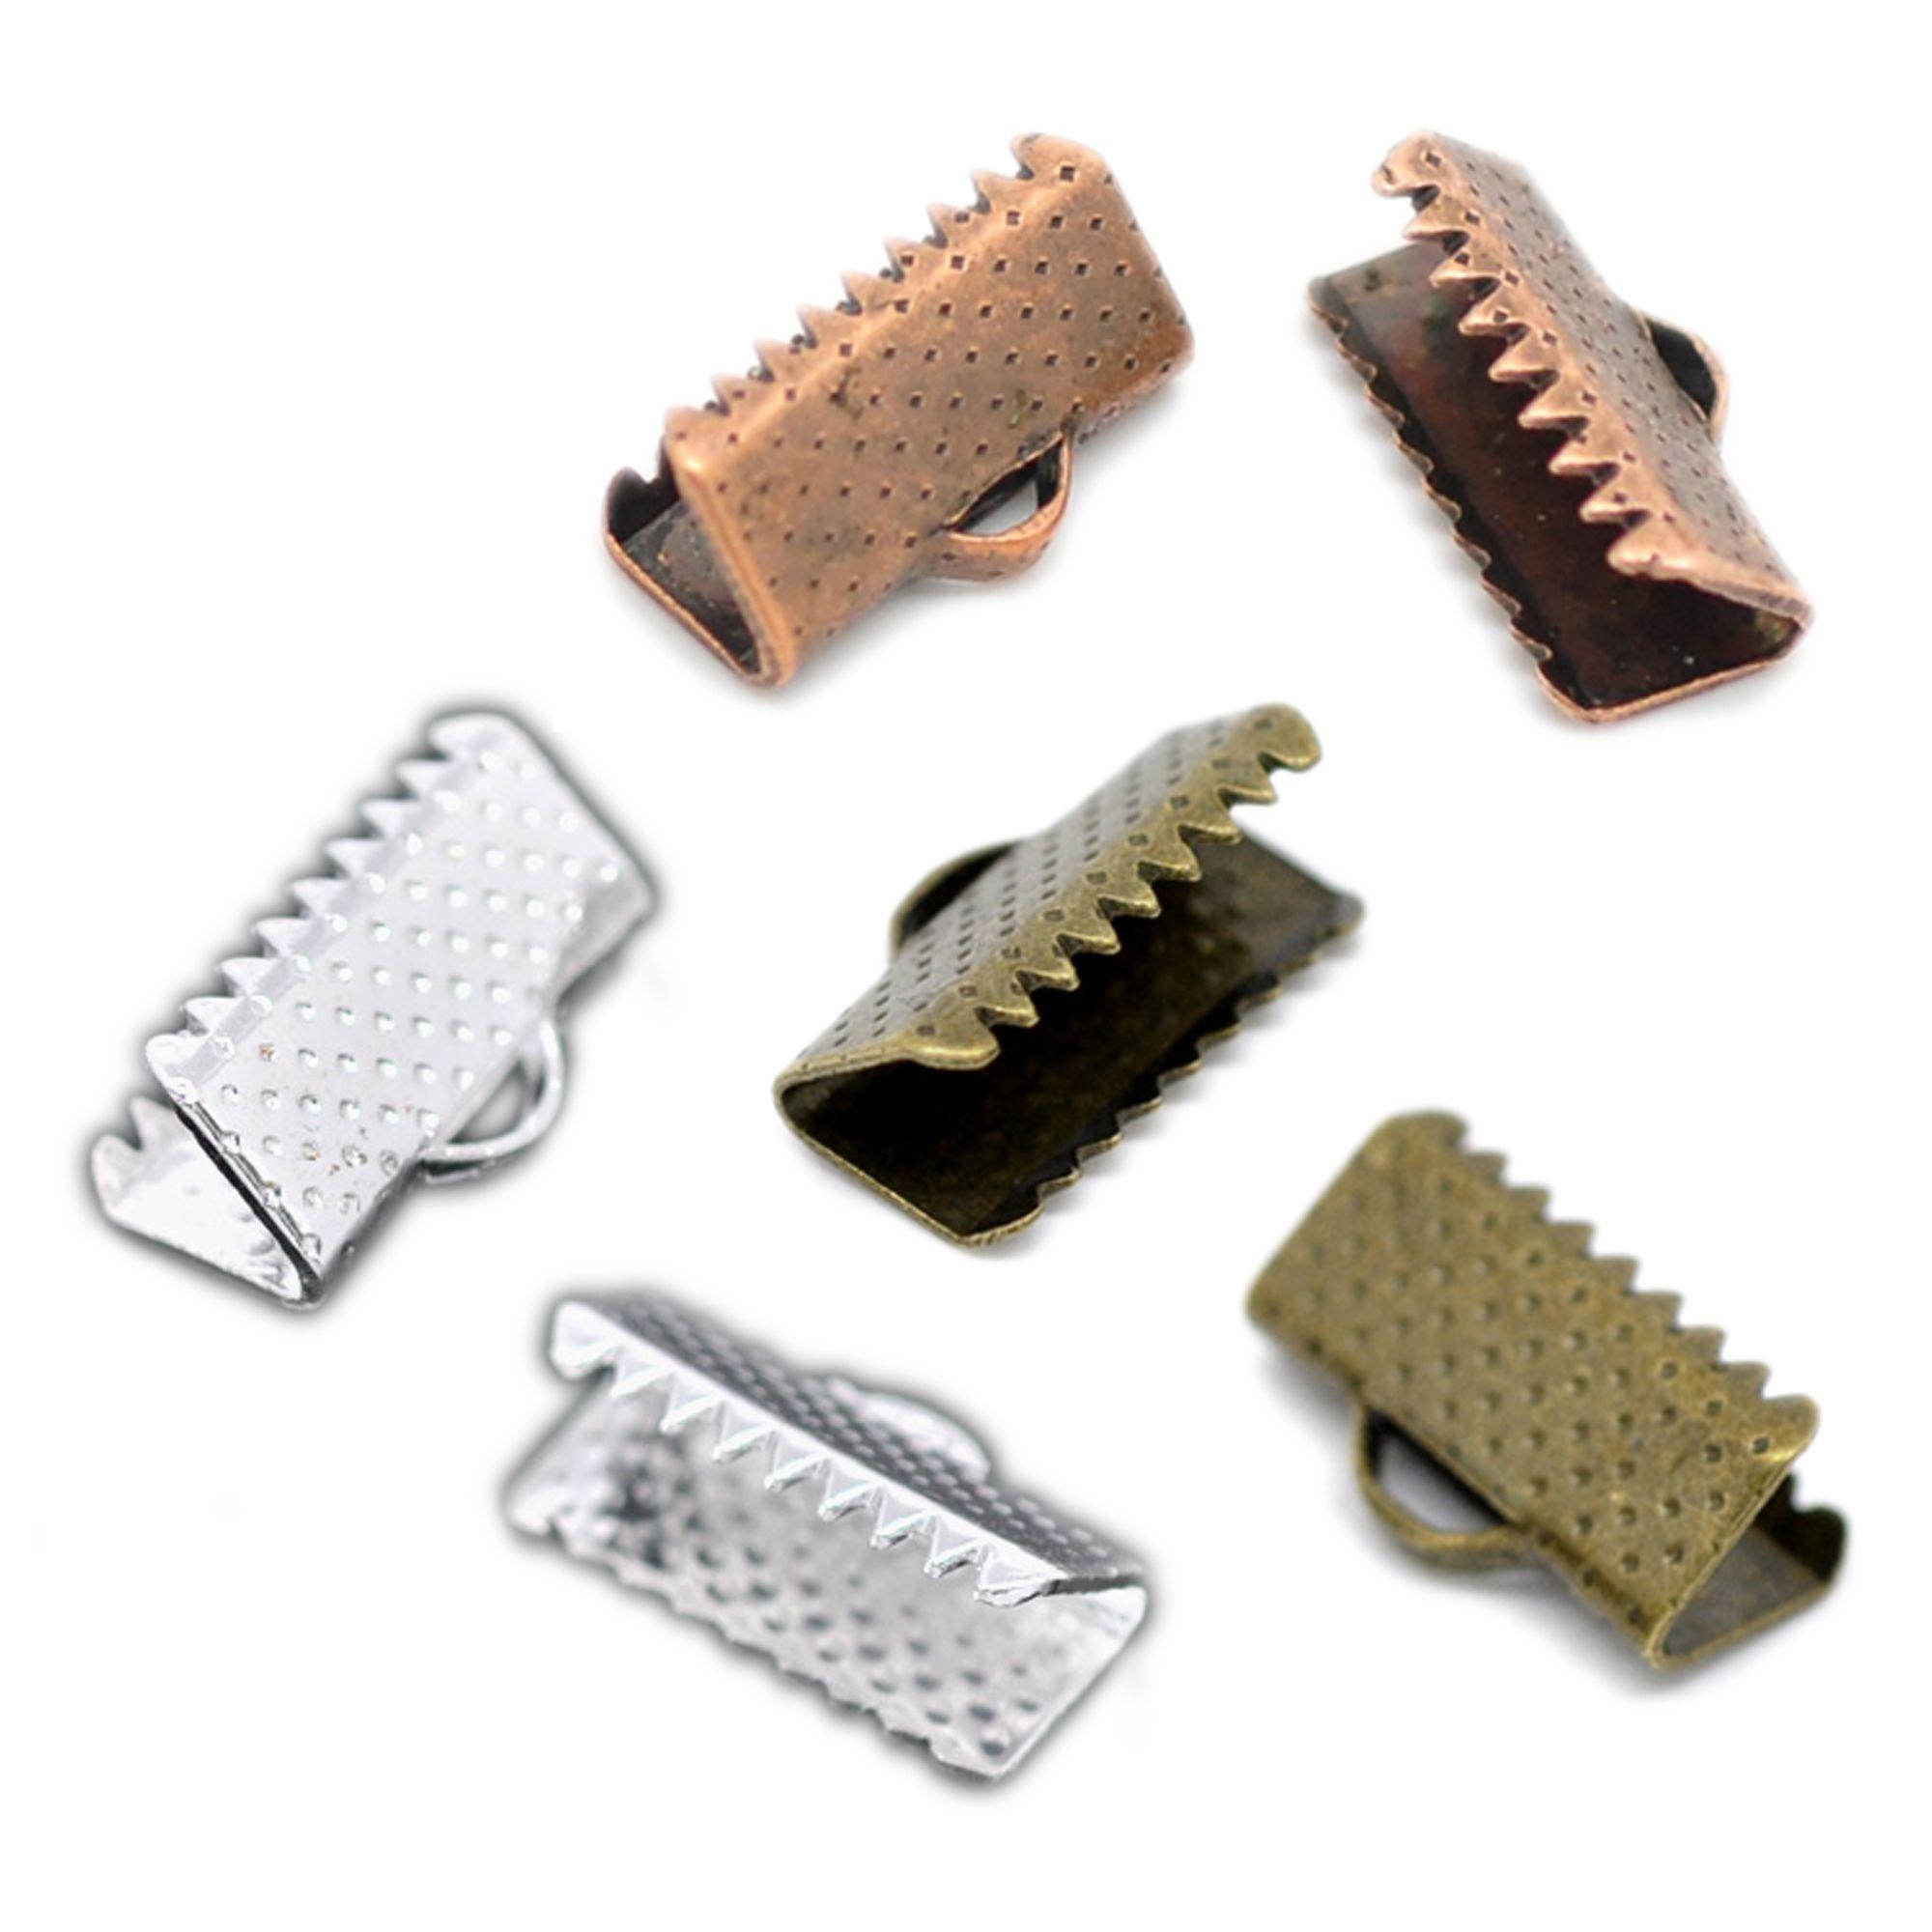 500 Quetschröhrchen 1,1 x 1,5mm silber Quetschperlen Crimps Quetschies Spacer